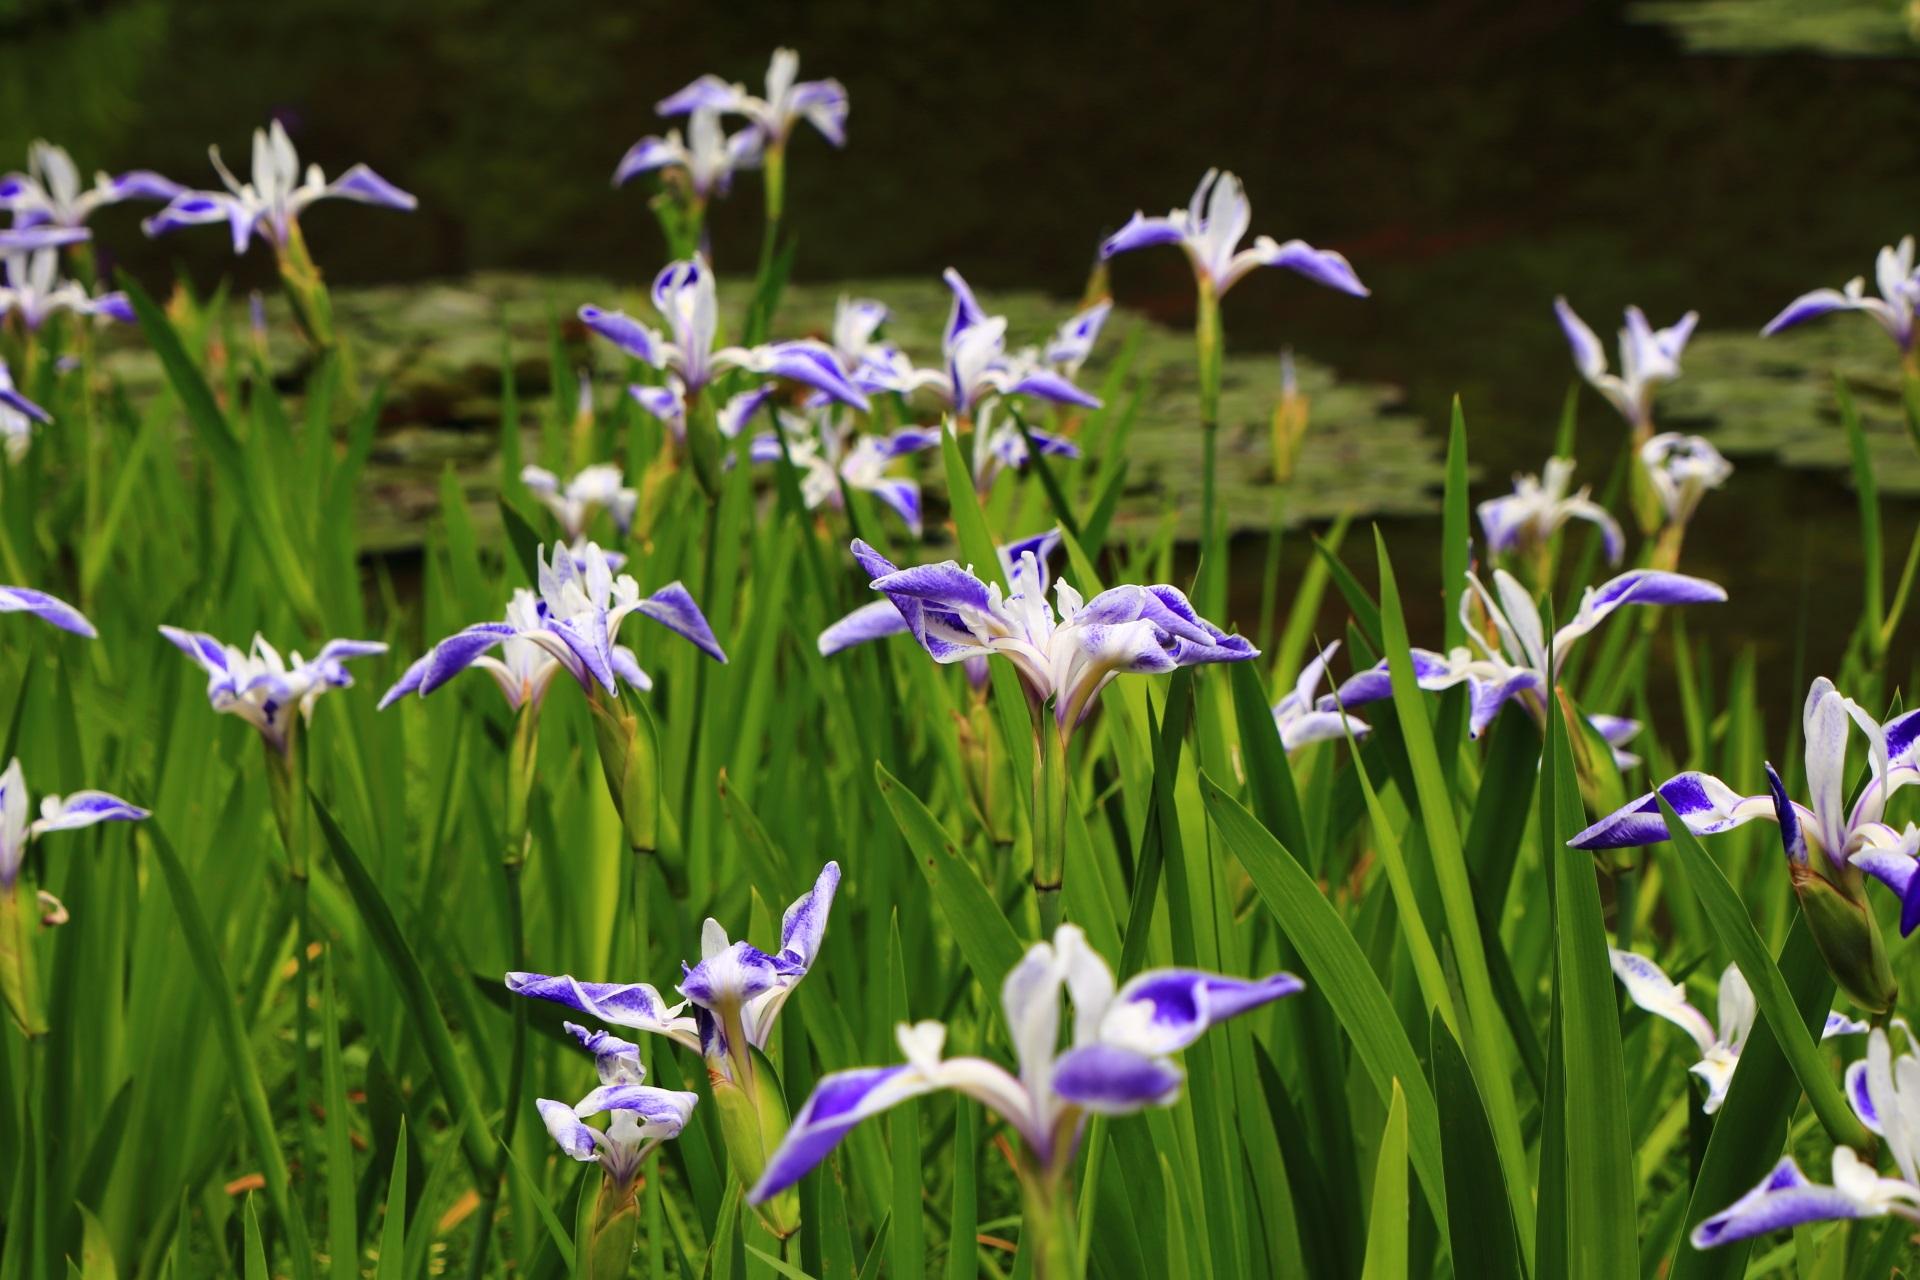 平安神宮の素晴らしい折鶴と杜若と睡蓮と春の情景